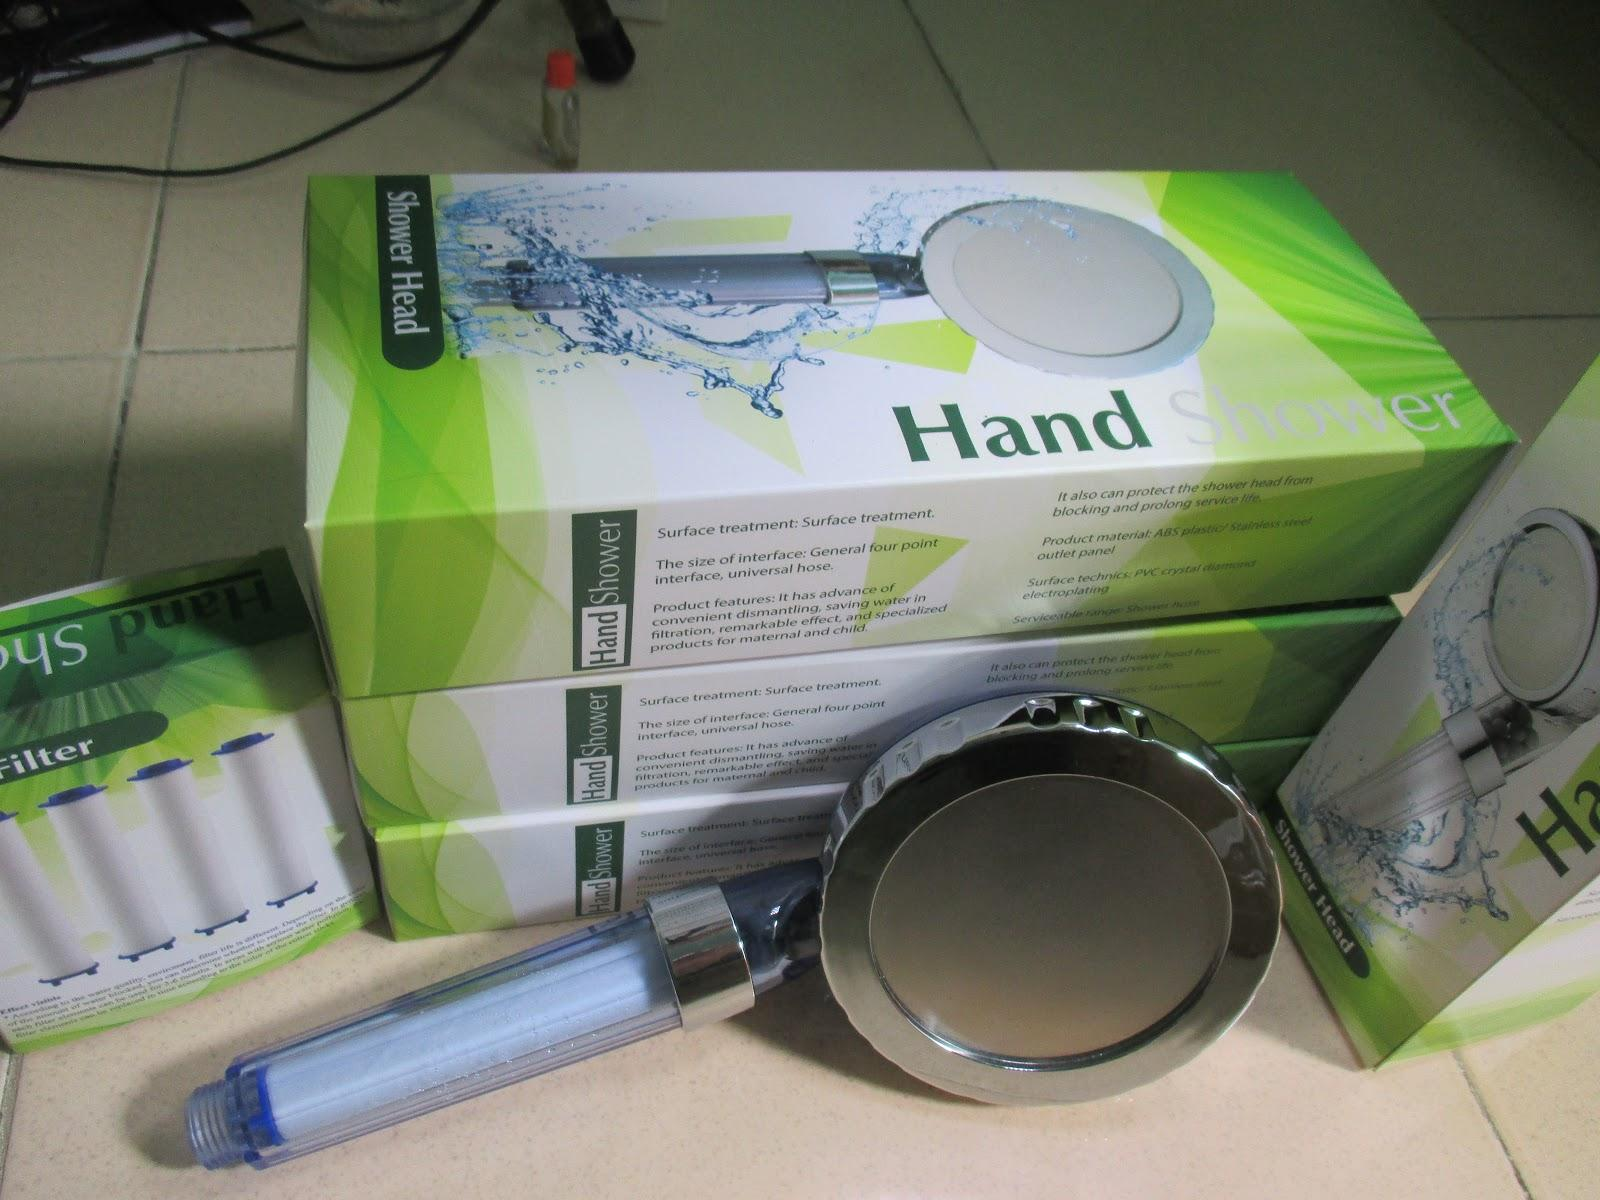 Vòi sen lọc nước Hand Shower SB (Bề mặt 115mm)